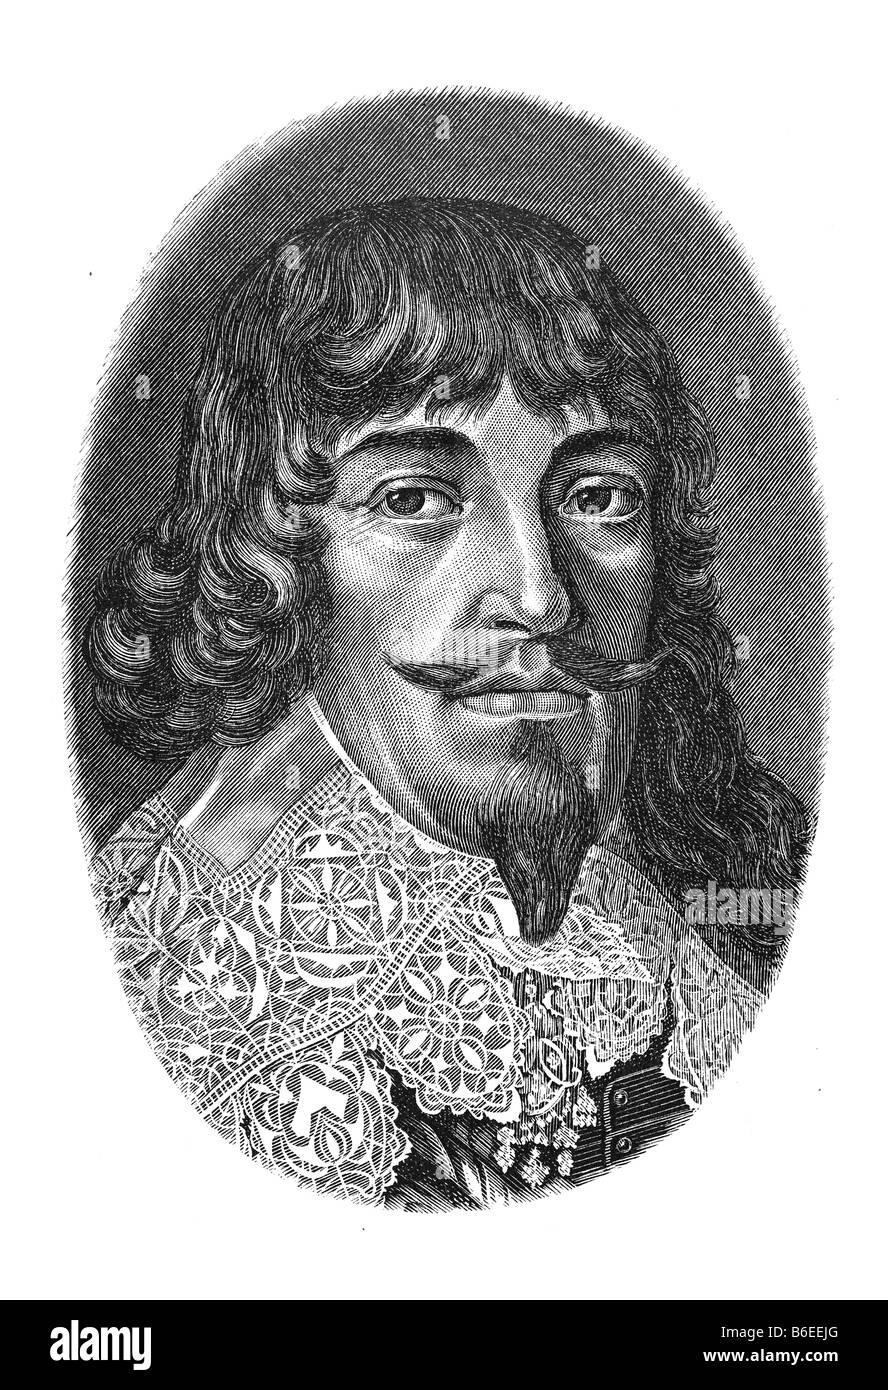 Bernard of Saxe-Weimar, Bernhard Herzog von Sachsen-Weimar, 16. August 1604 Weimar - 18. Juli 1639 Neuenburg am - Stock Image